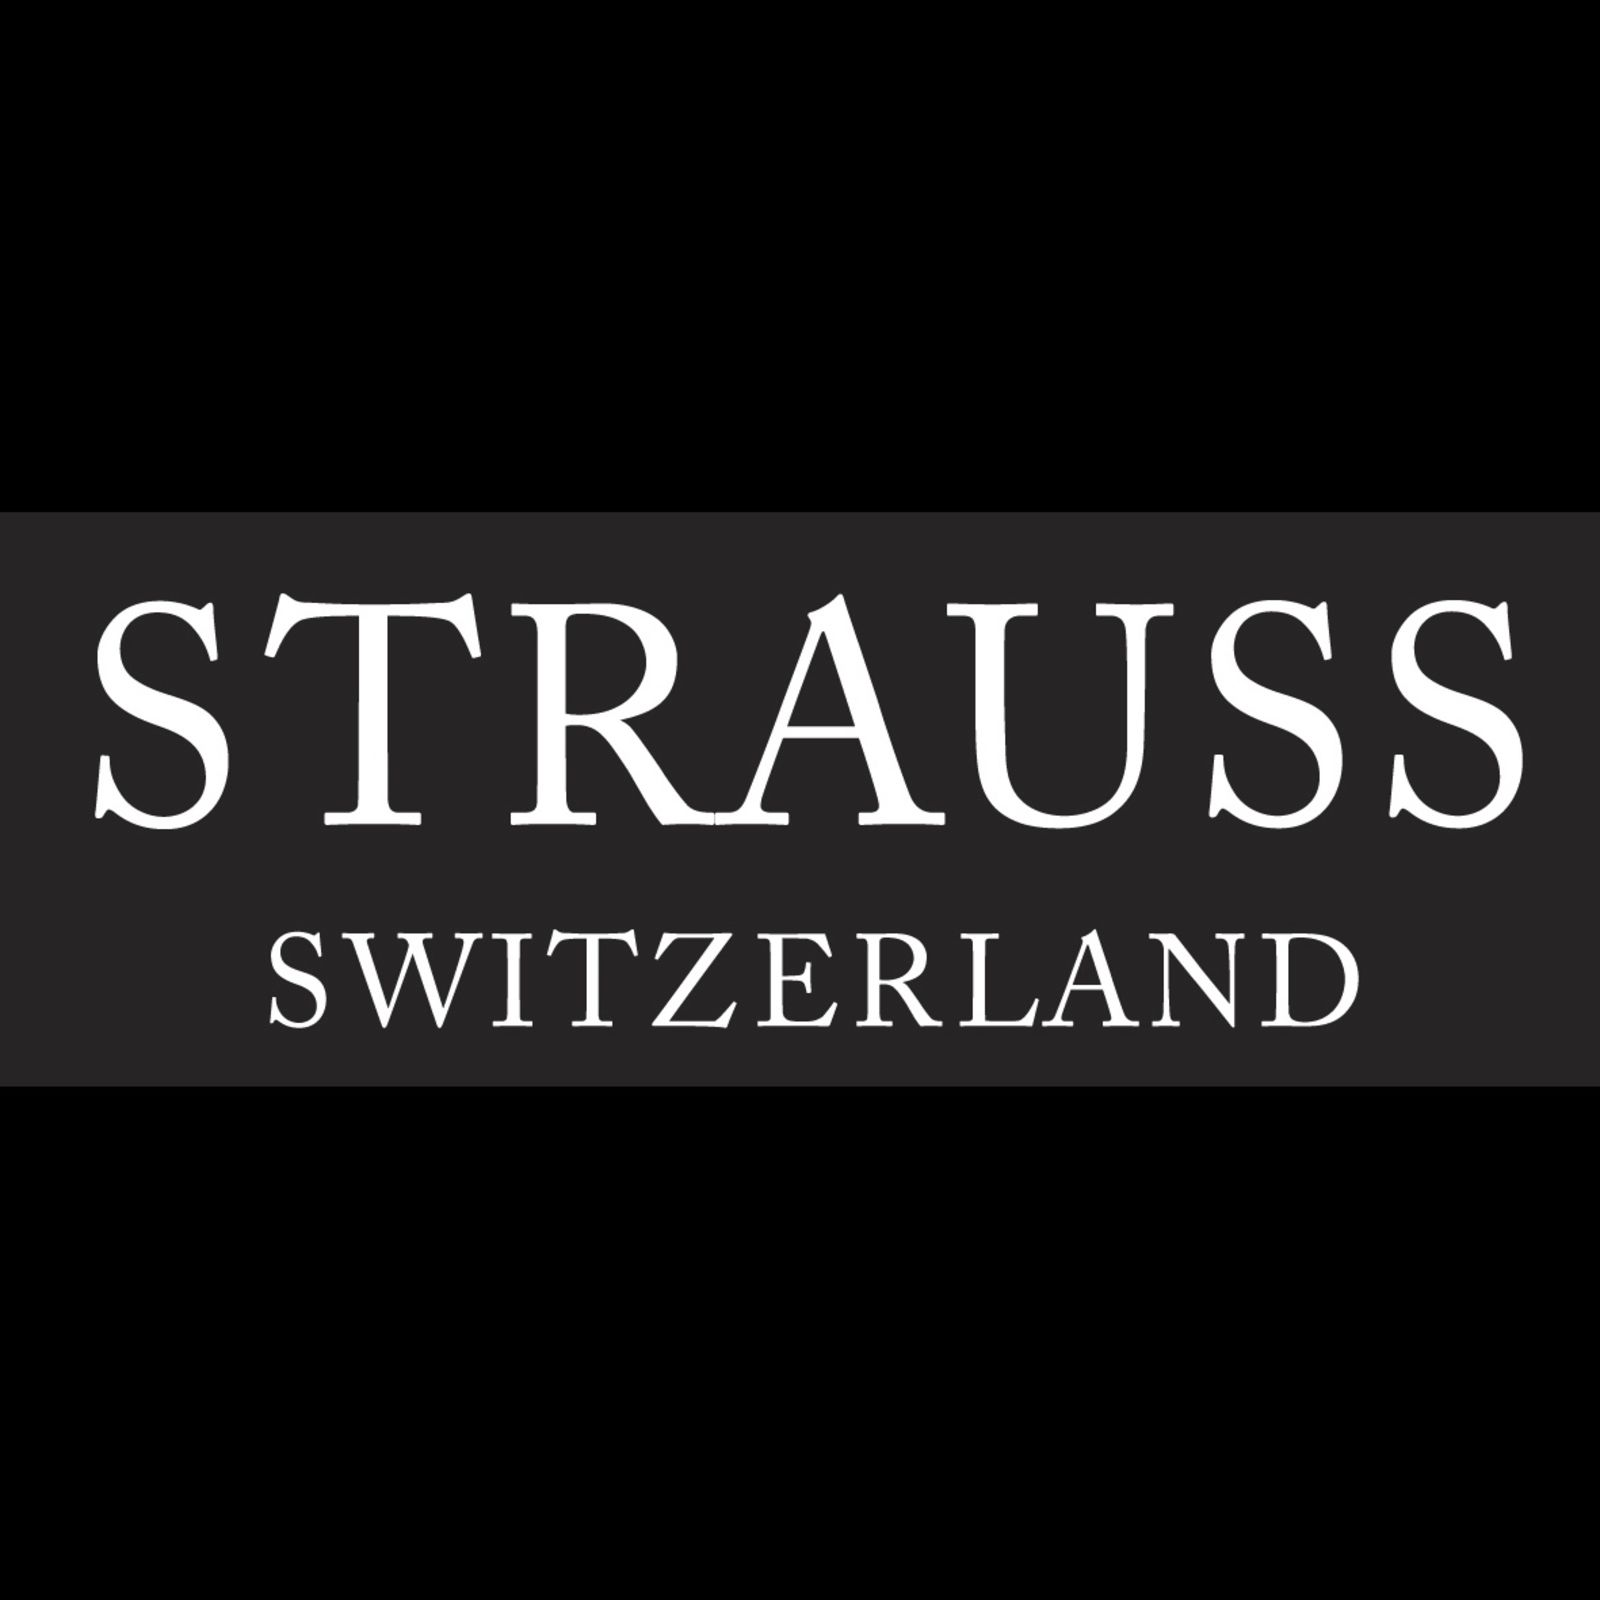 Strauss Switzerland